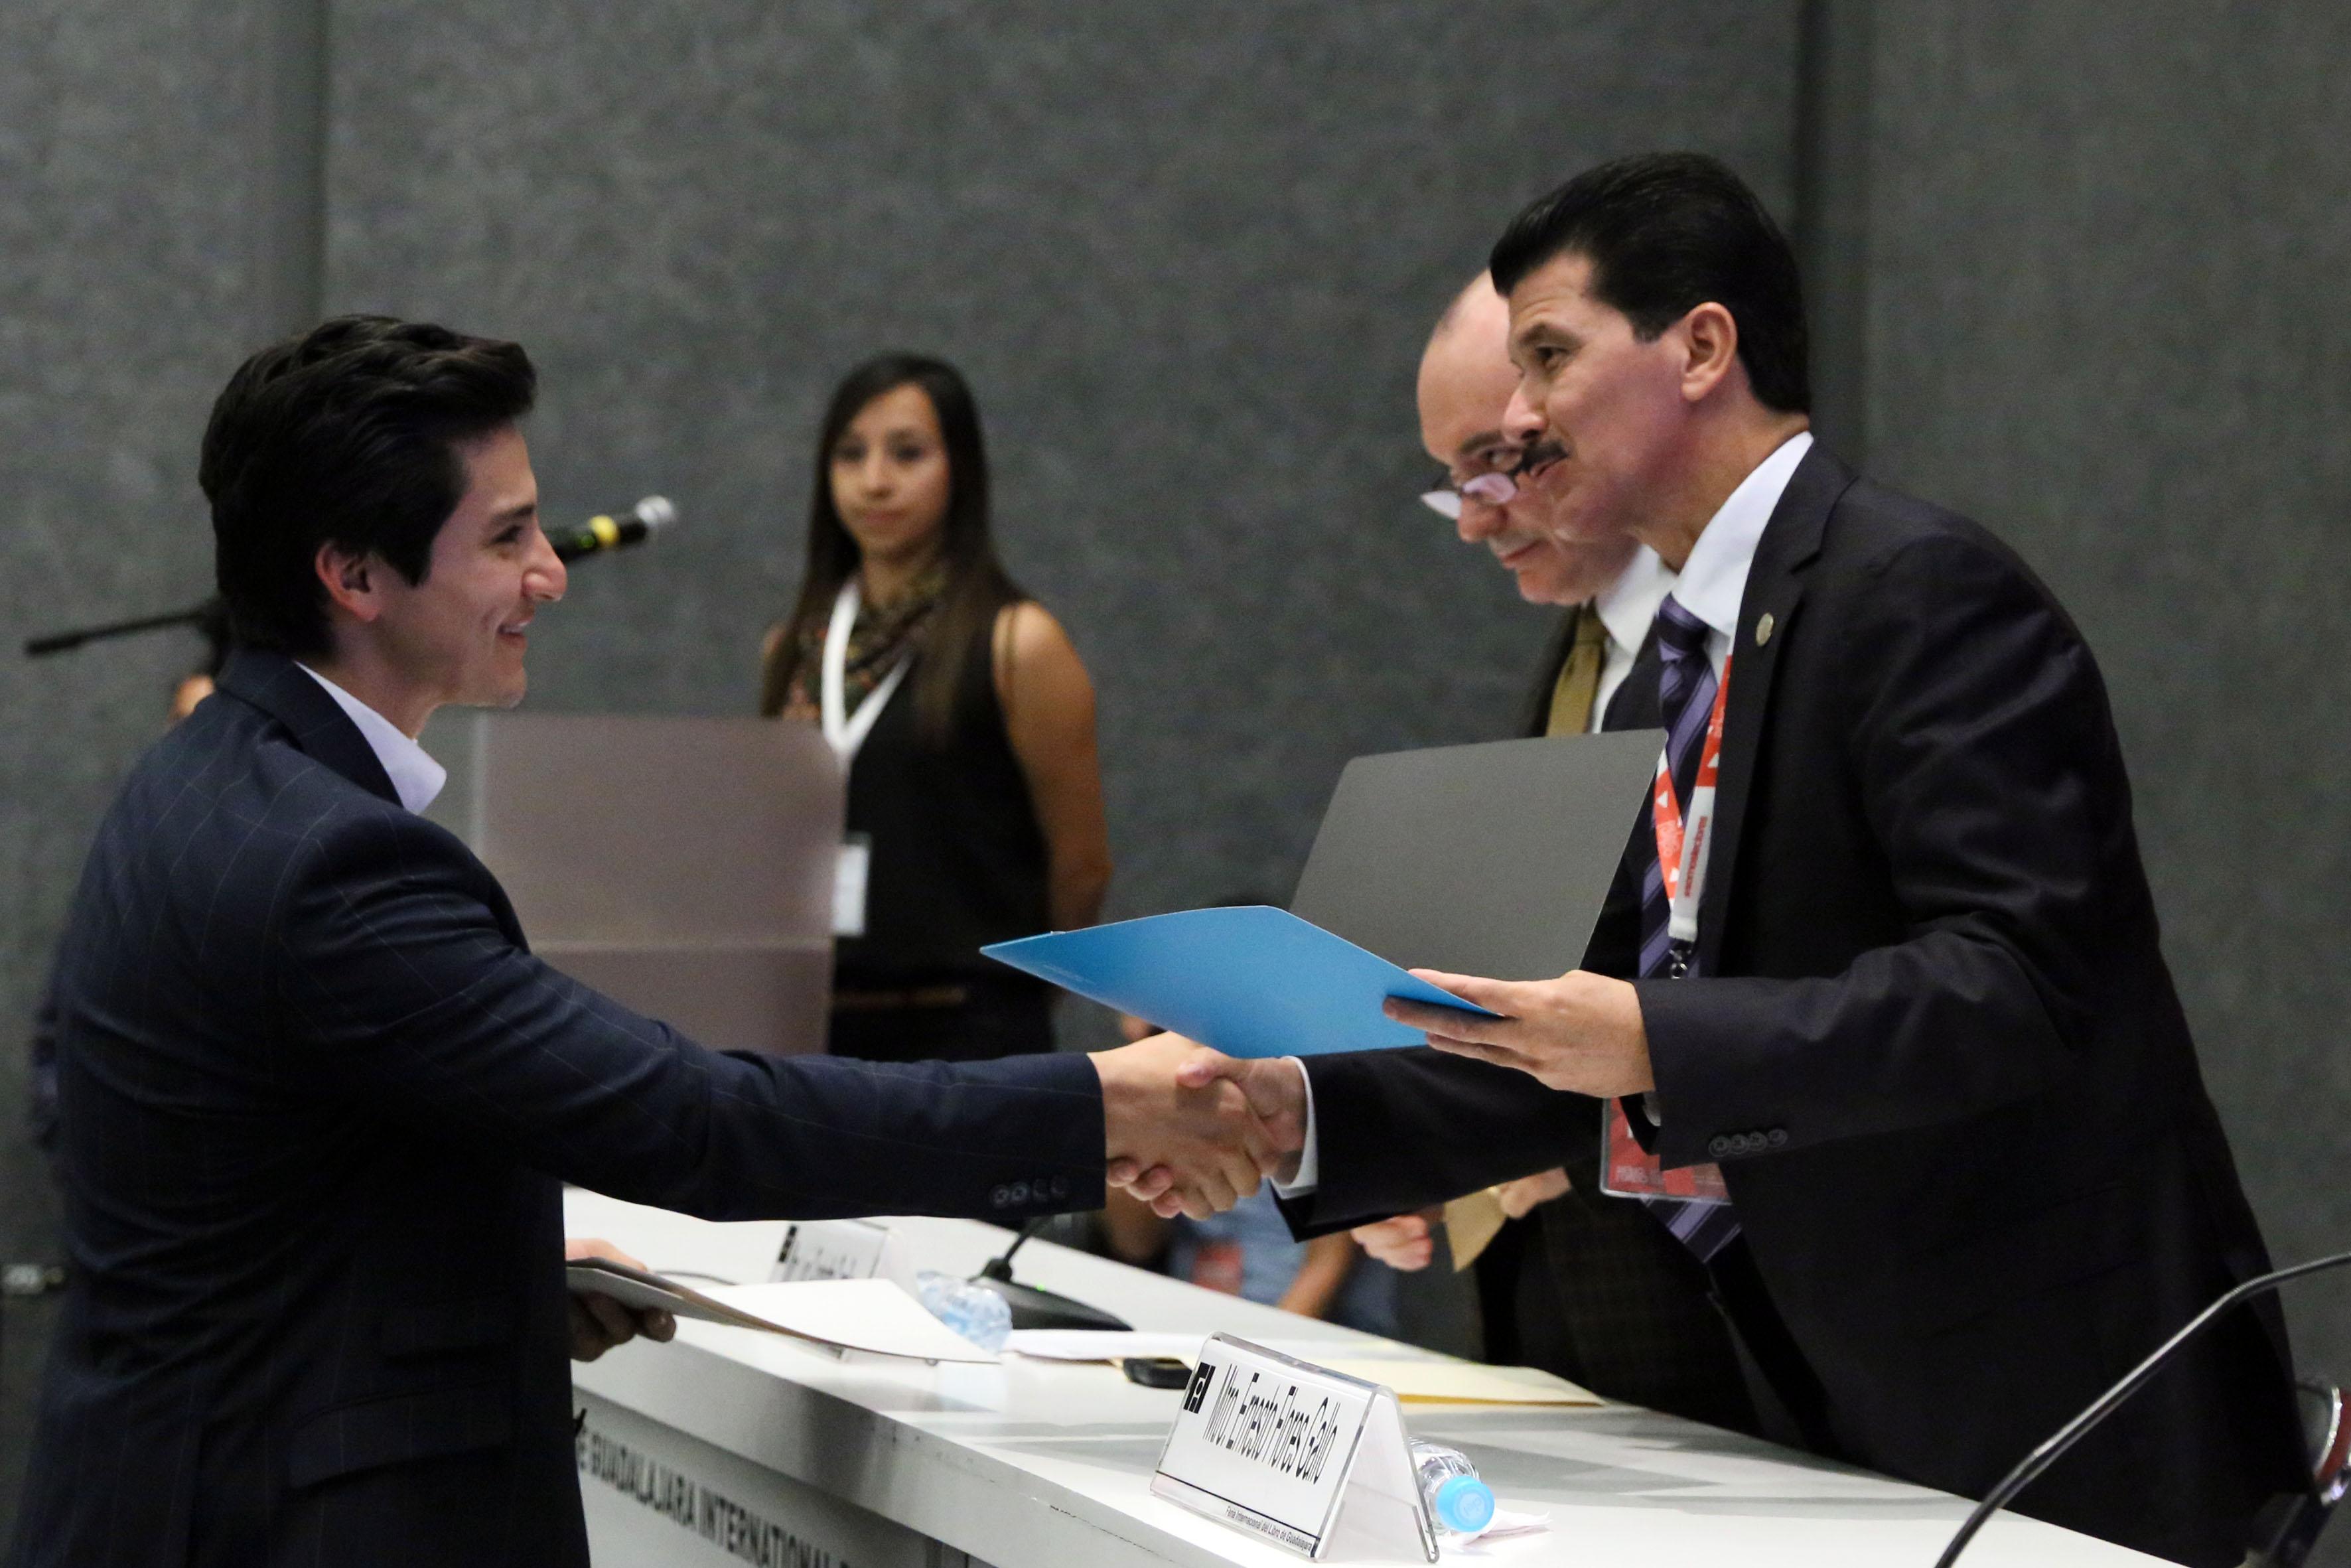 Rector del Centro Universitario de Arte, Arquitectura y Diseño (CUAAD), maestro Ernesto Flores Gallo, haciendo entrega del reconocimiento al jóven arquitecto ganador del concurso.